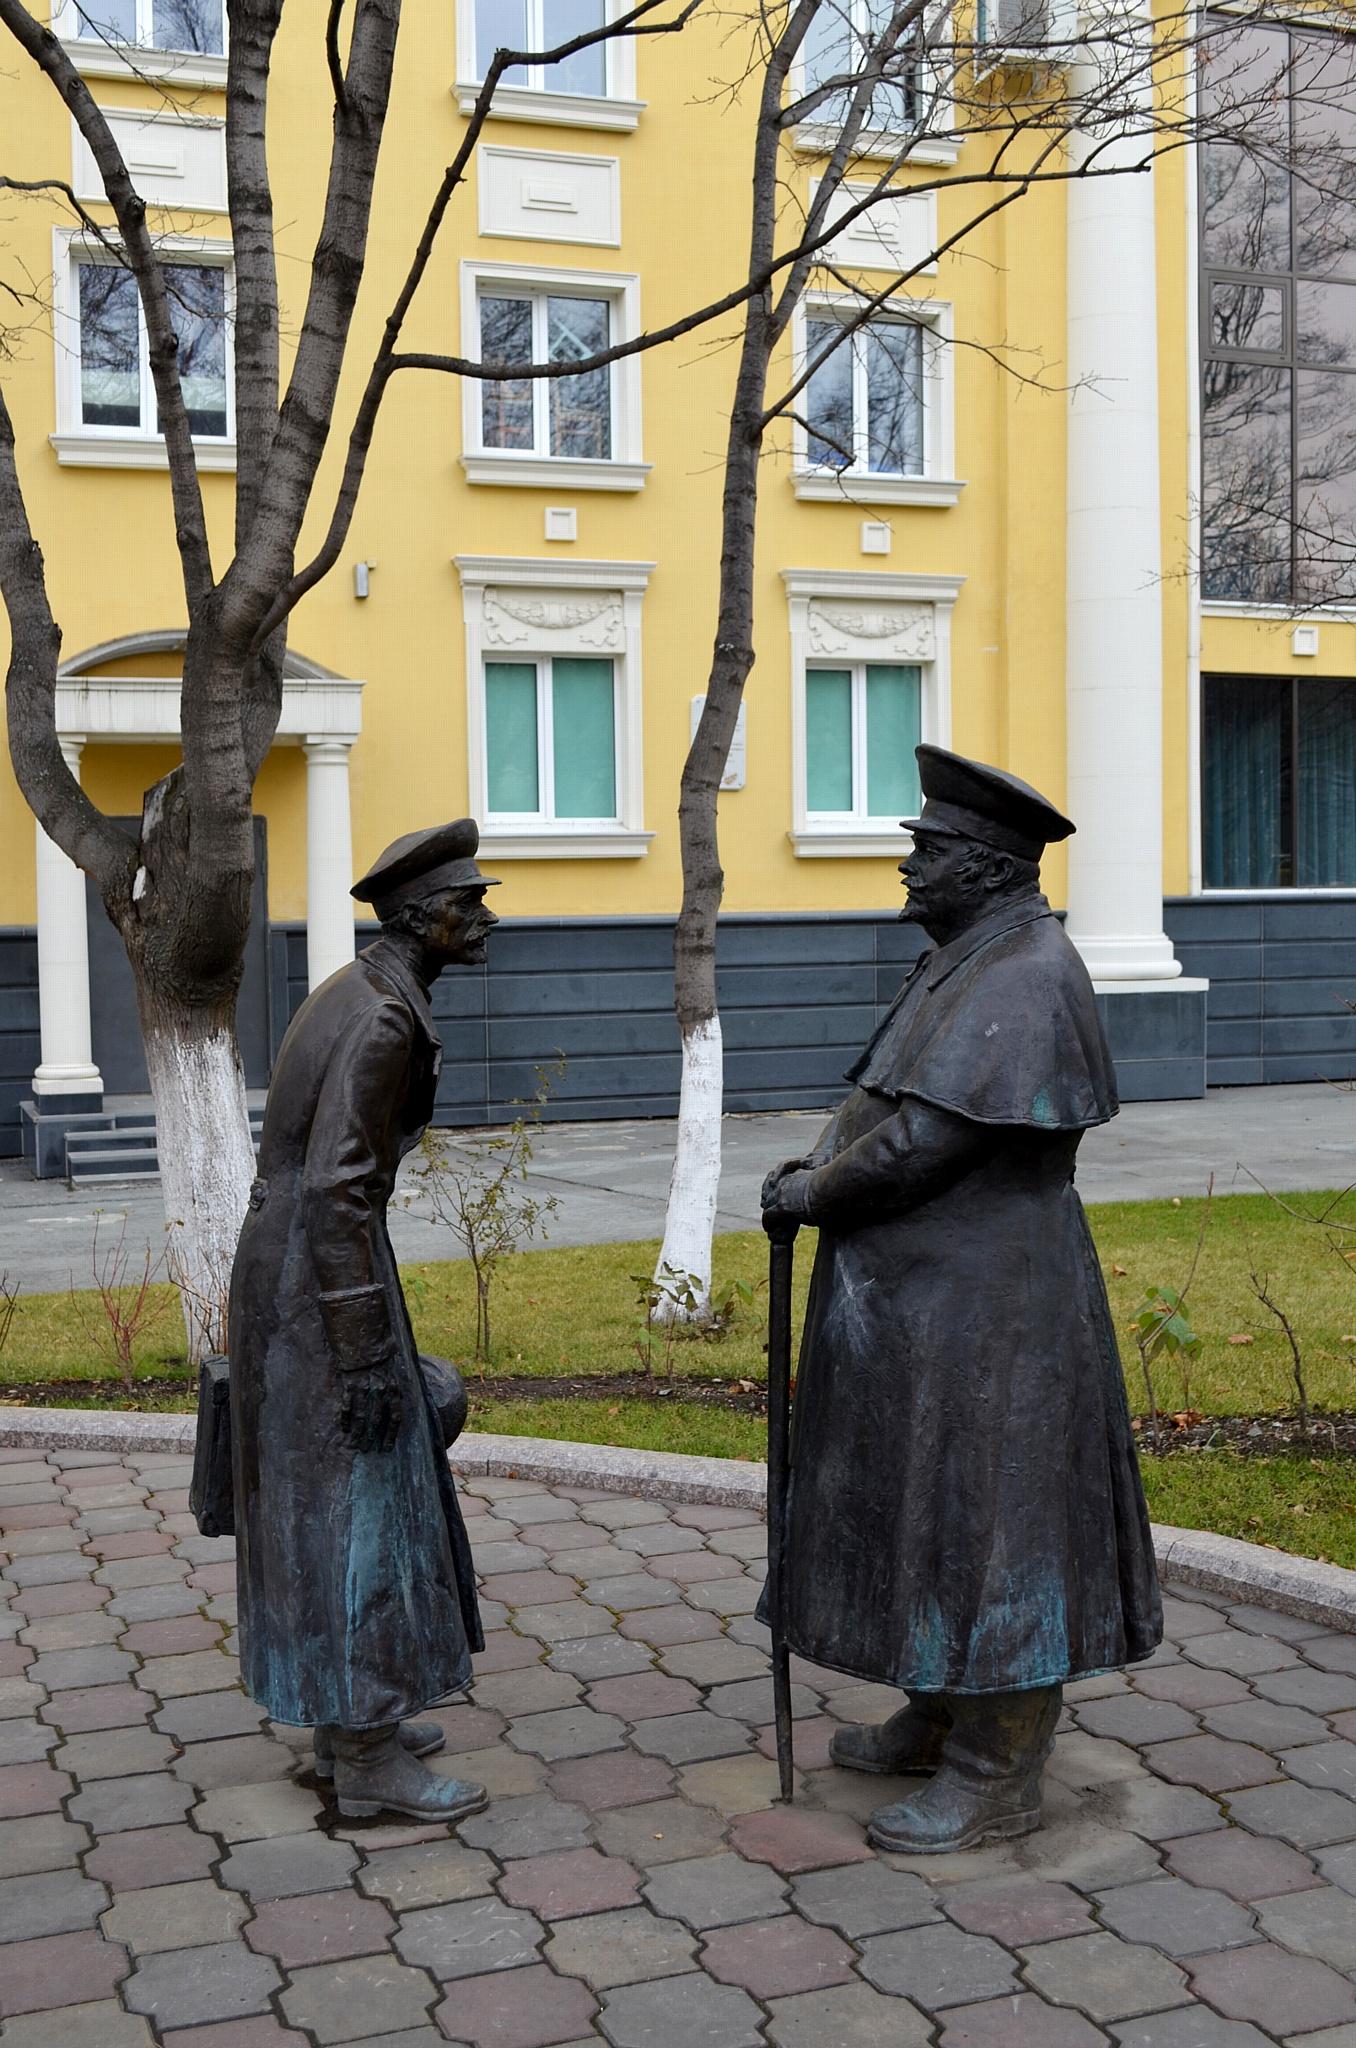 29 января исполняется 160 лет со дня рождения Чехова